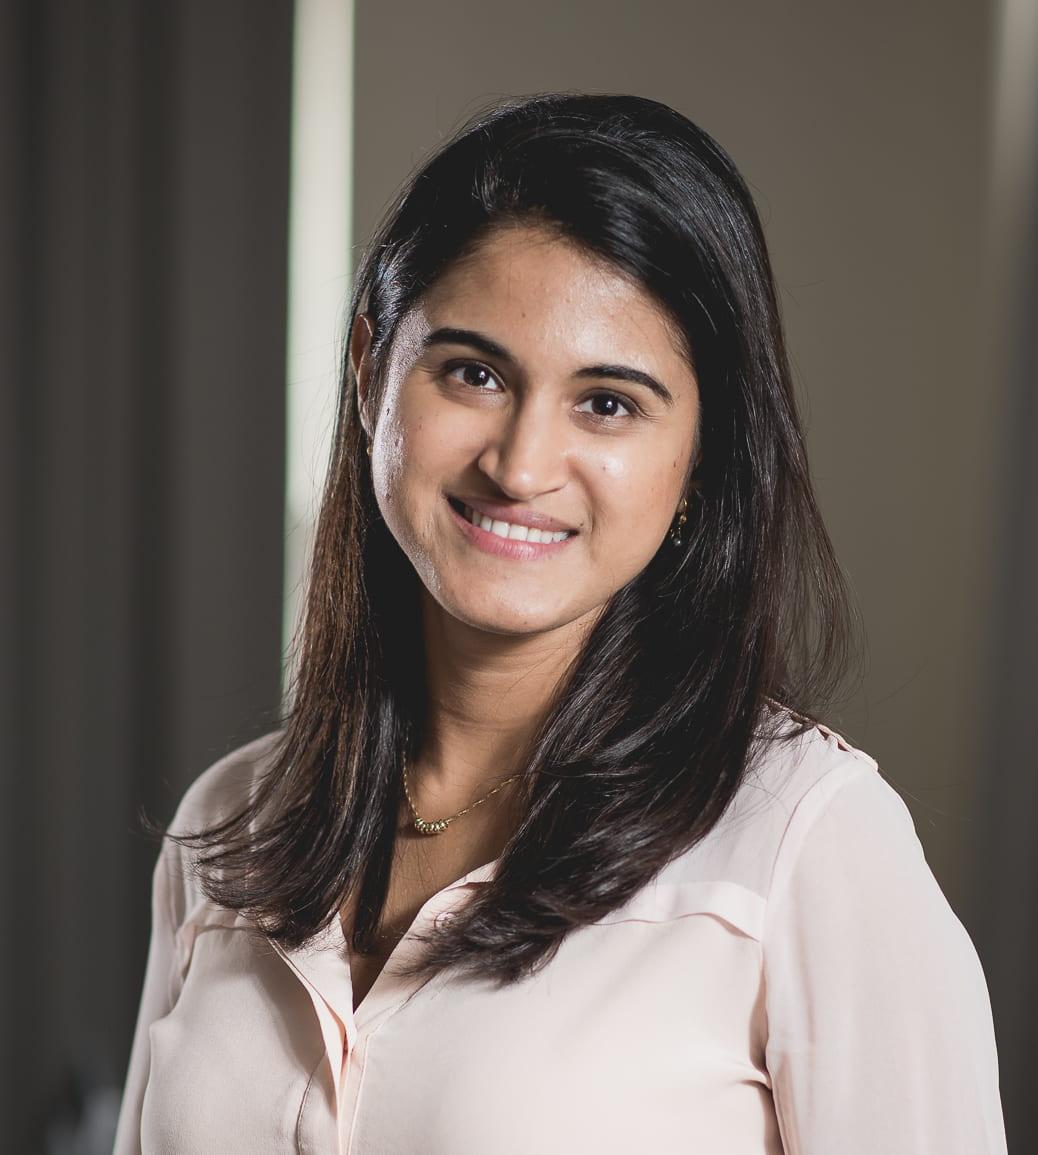 Nooriyan Poonawala-Lohani